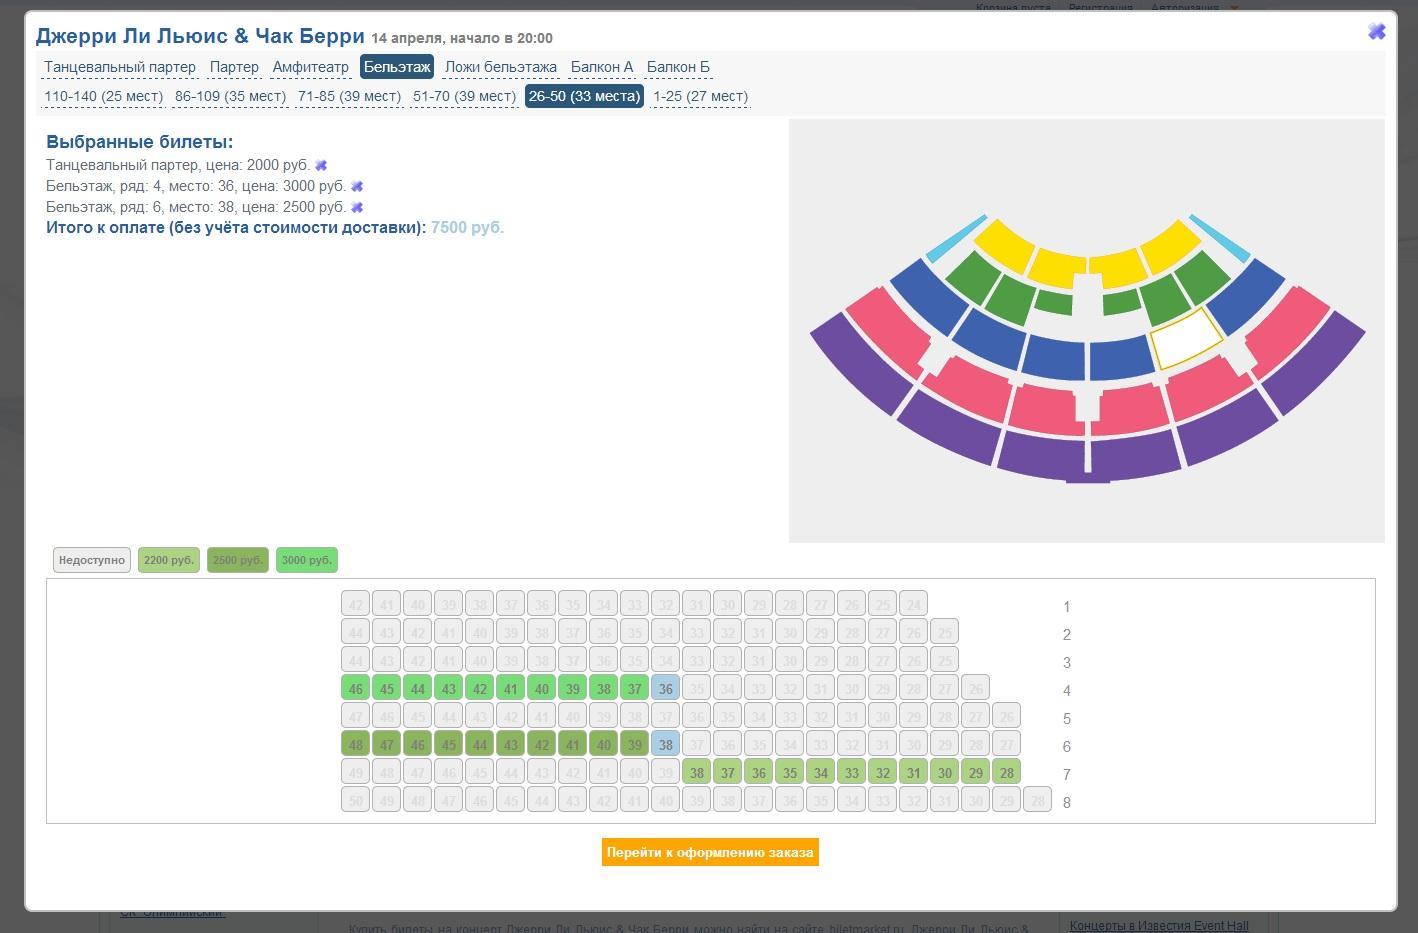 Виджет визуального заказа билетов